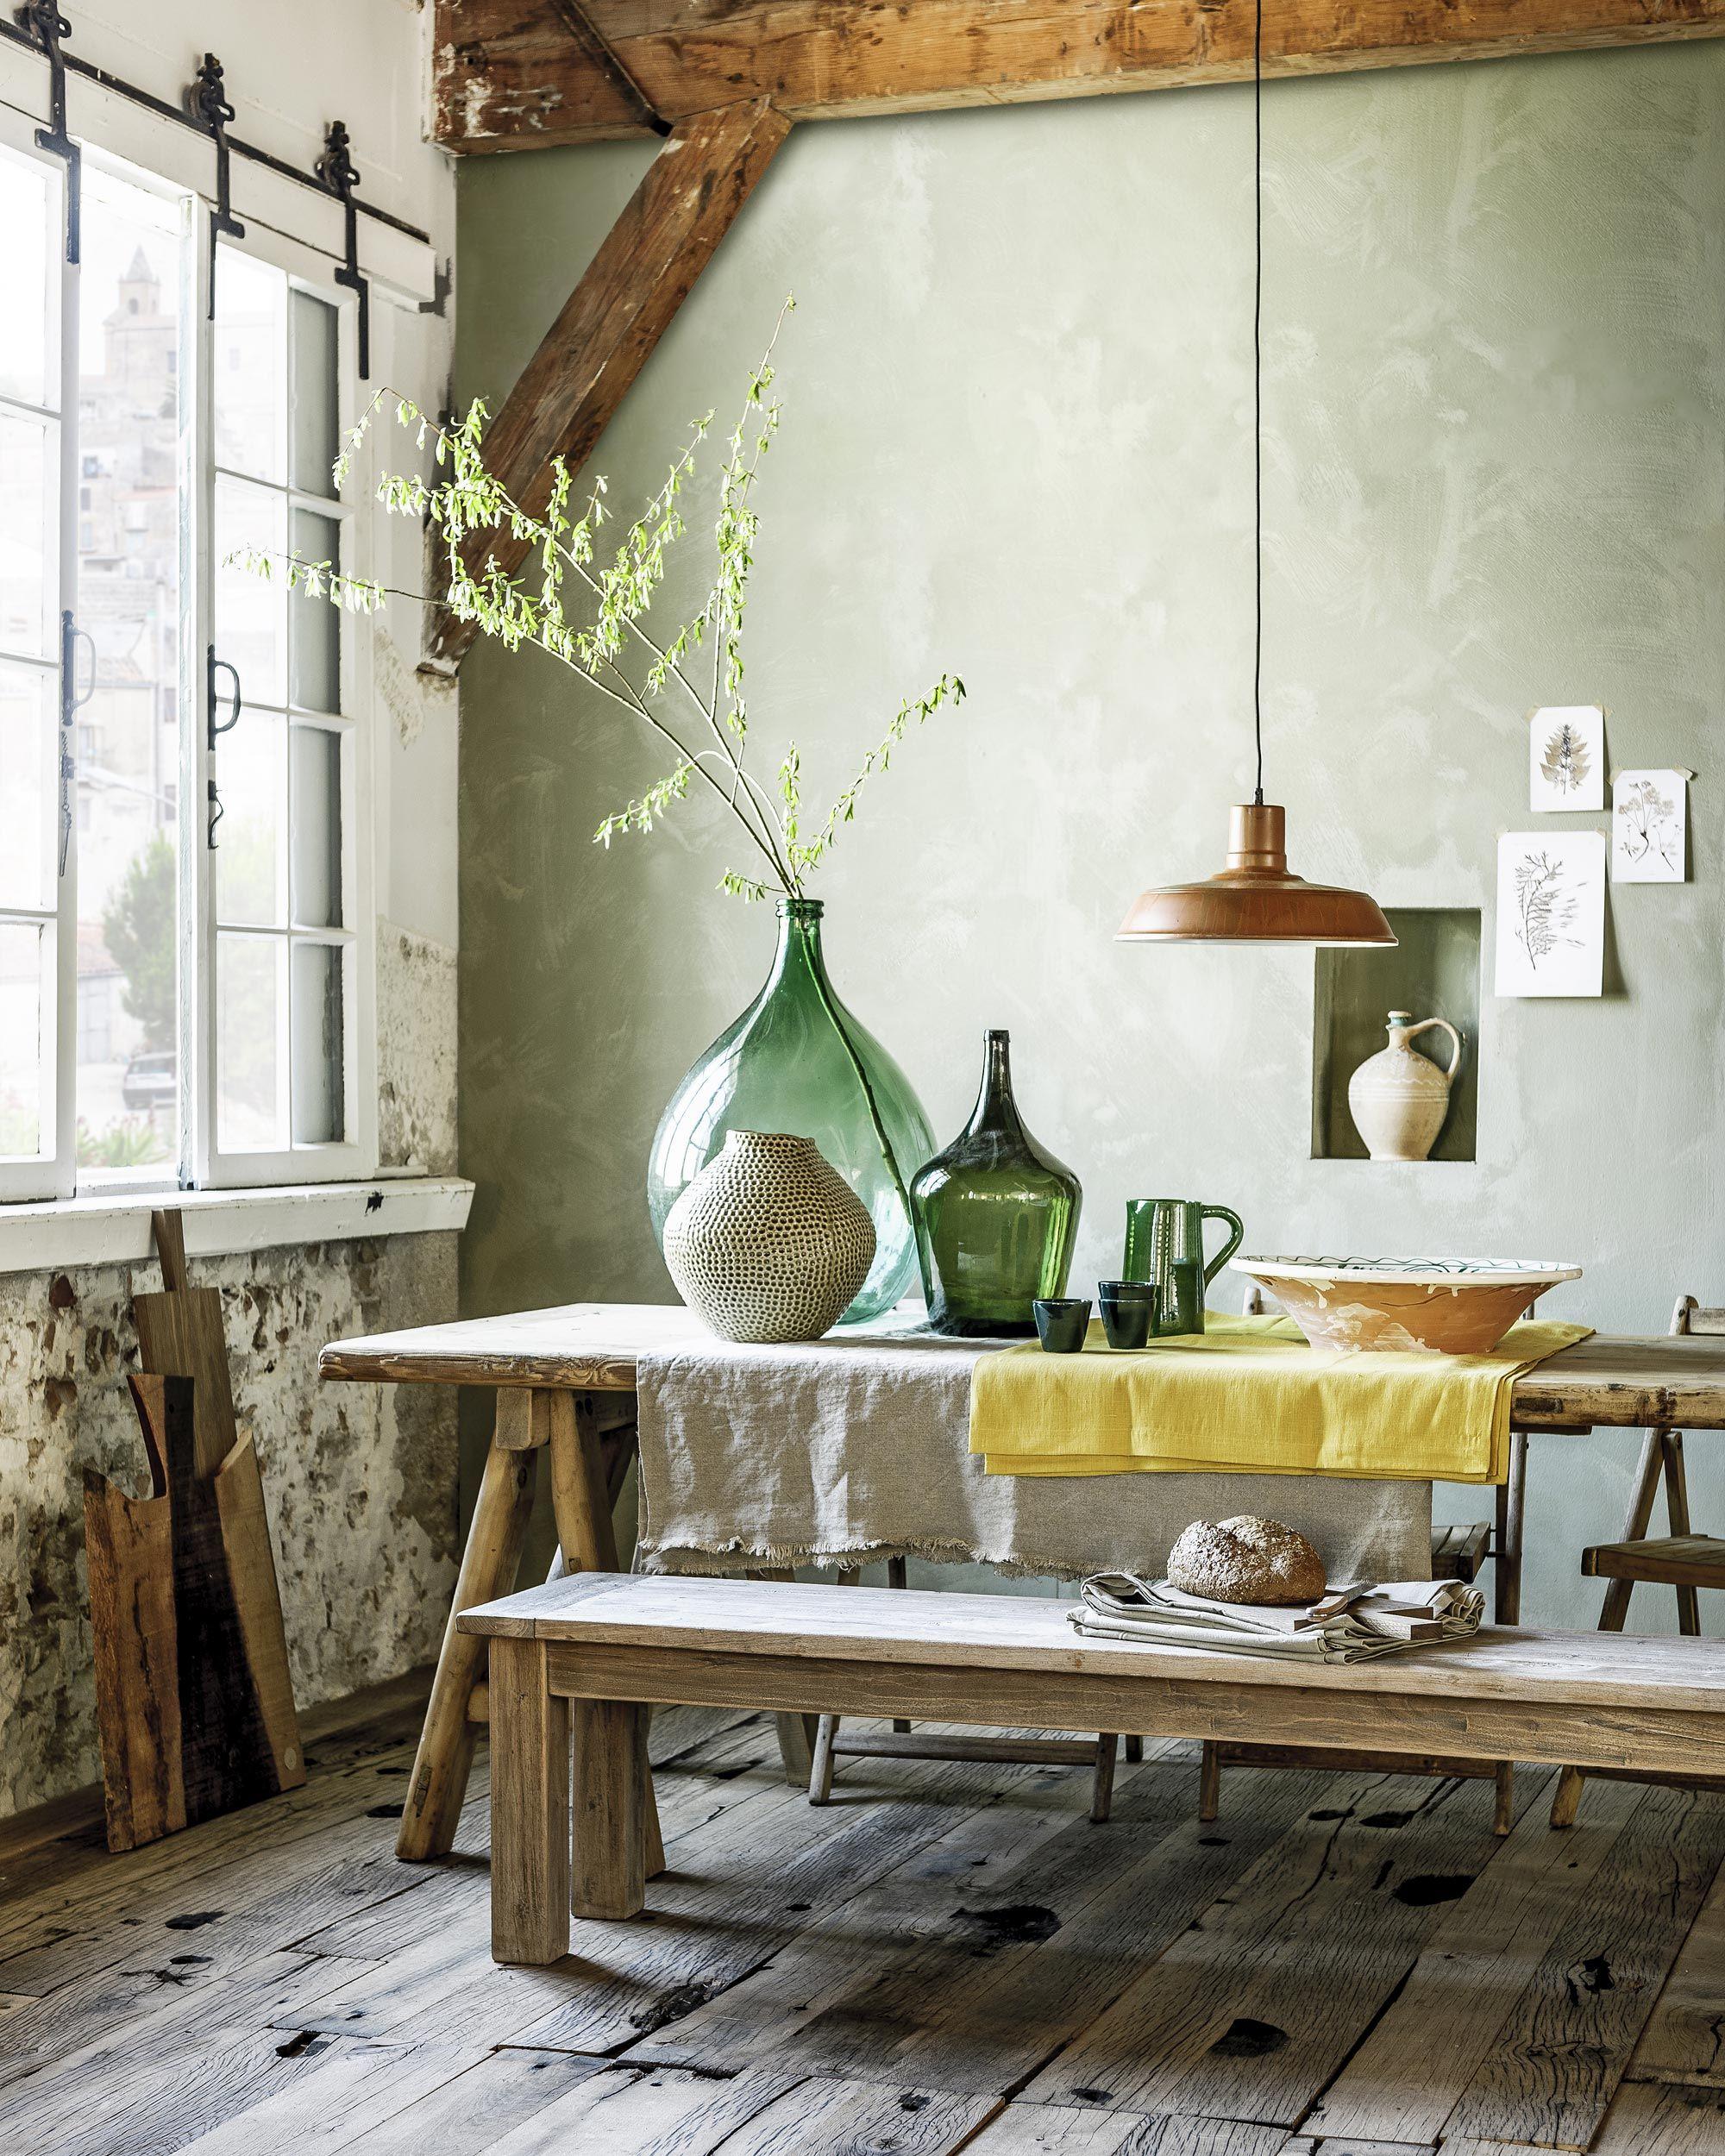 Estilo r stico suelo de y muebles de madera damajuanas decorativas l mpara vintage tips de - Lamparas estilo rustico ...